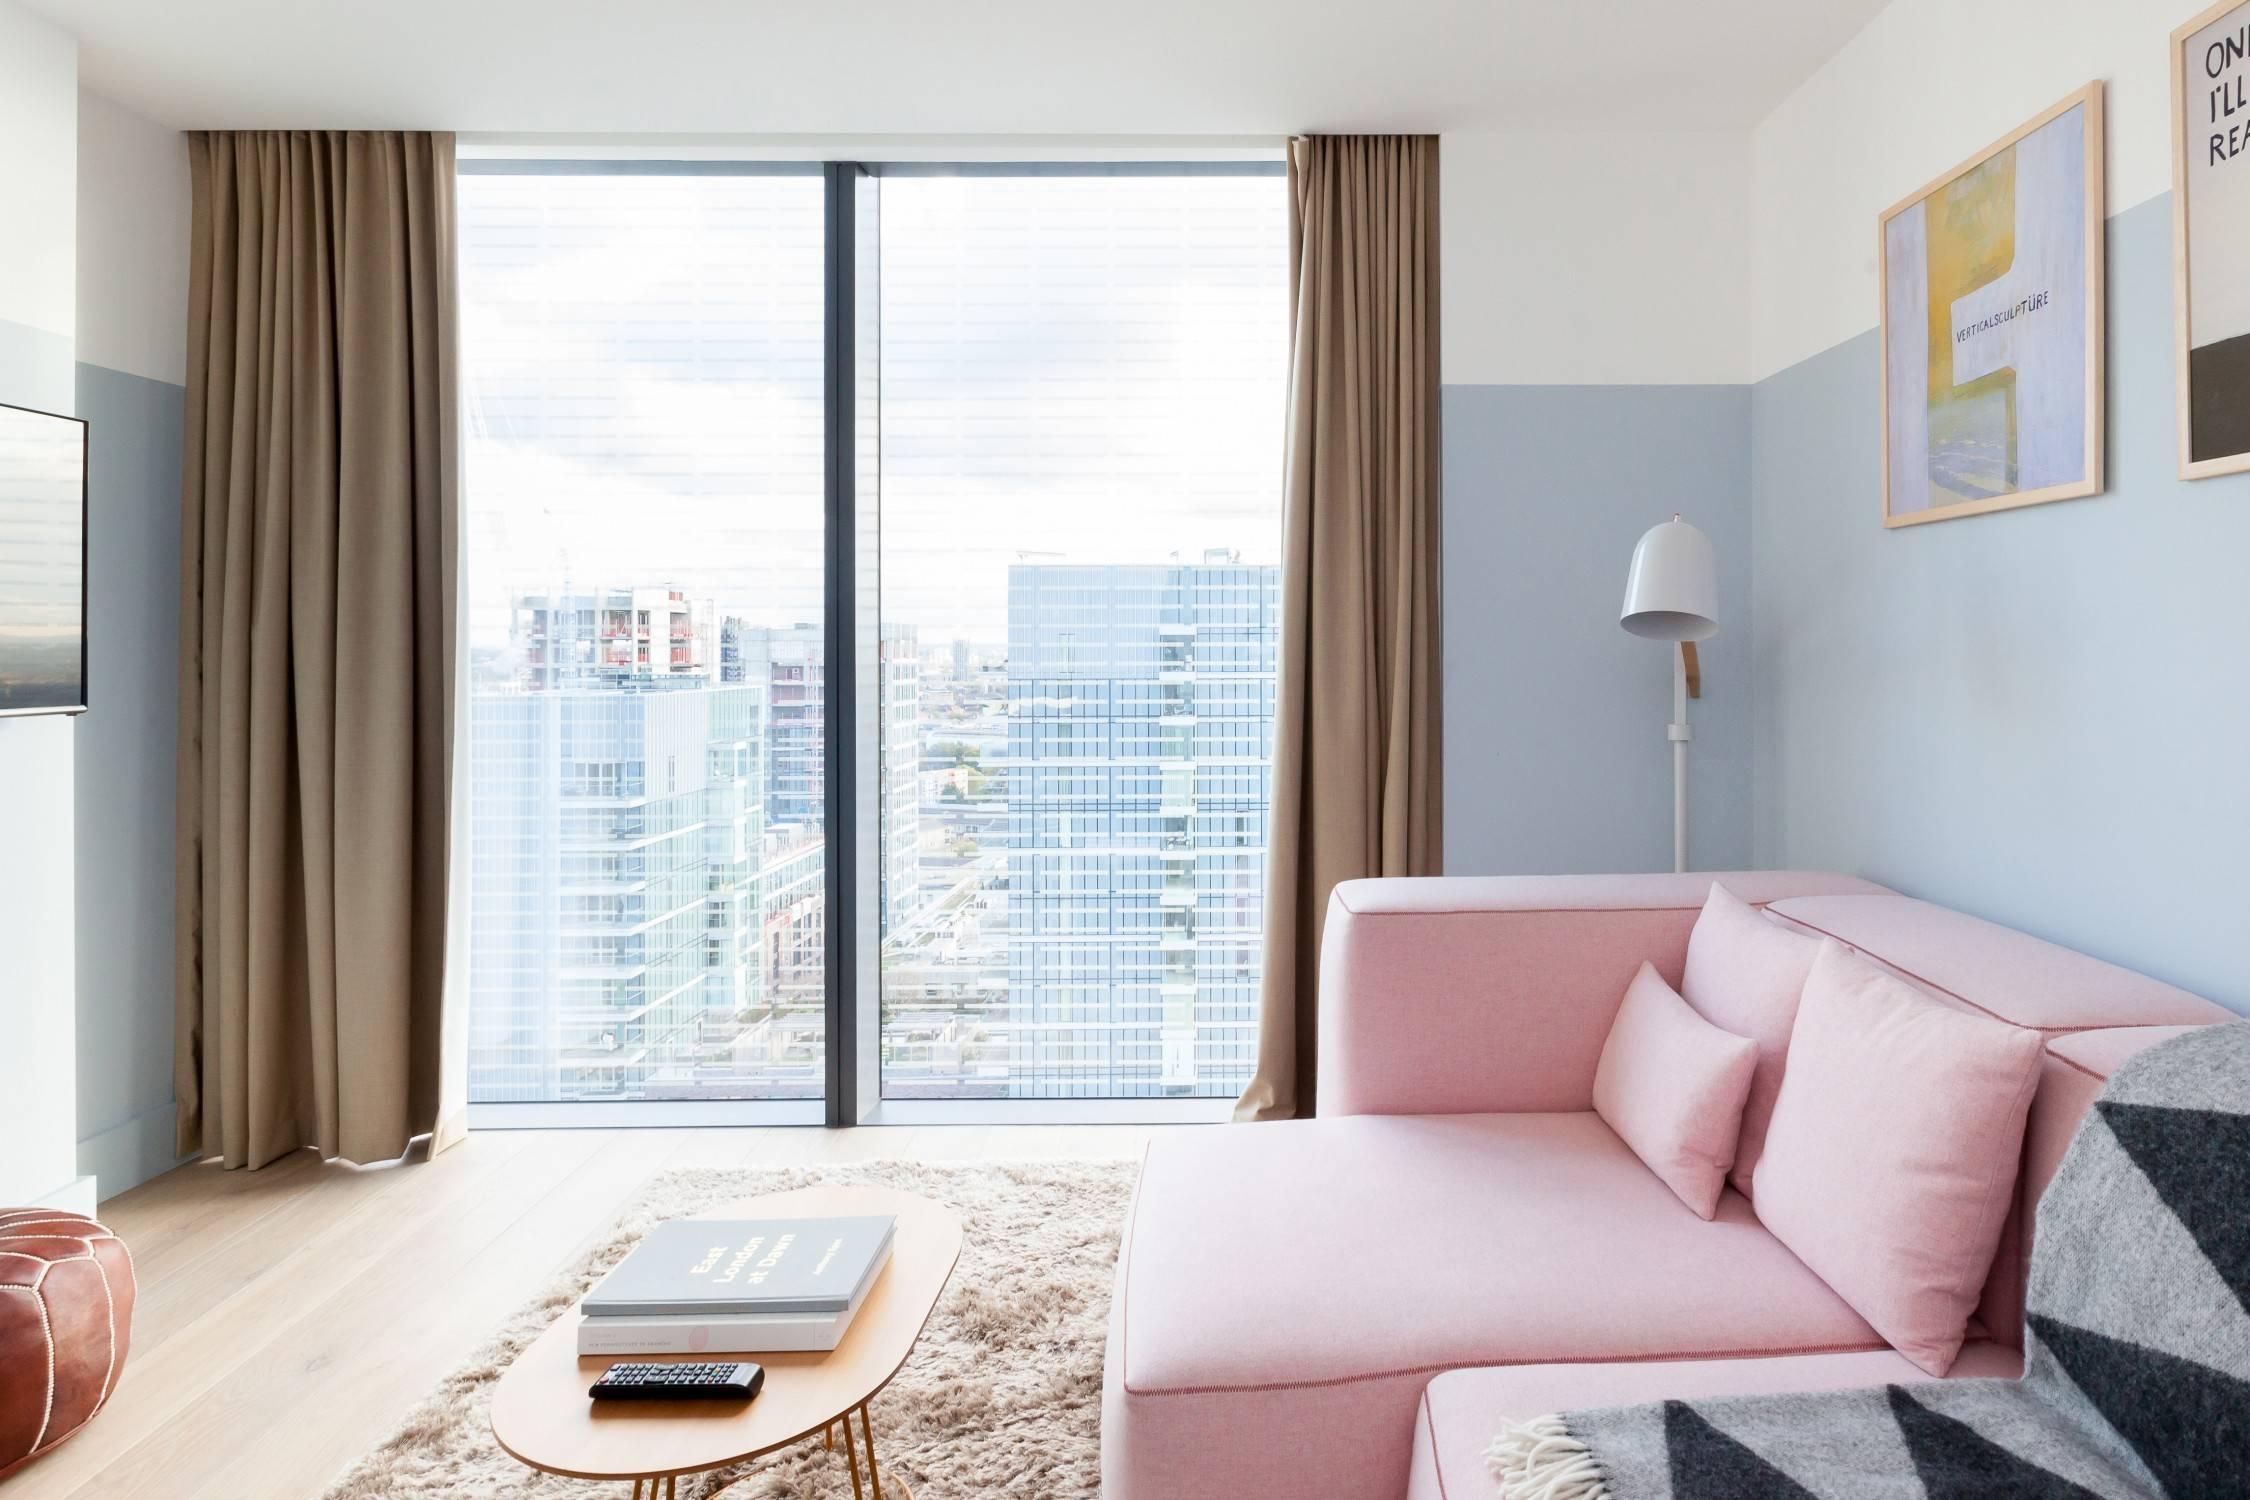 Как снять квартиру в лондоне на неделю, месяц или более длительный срок